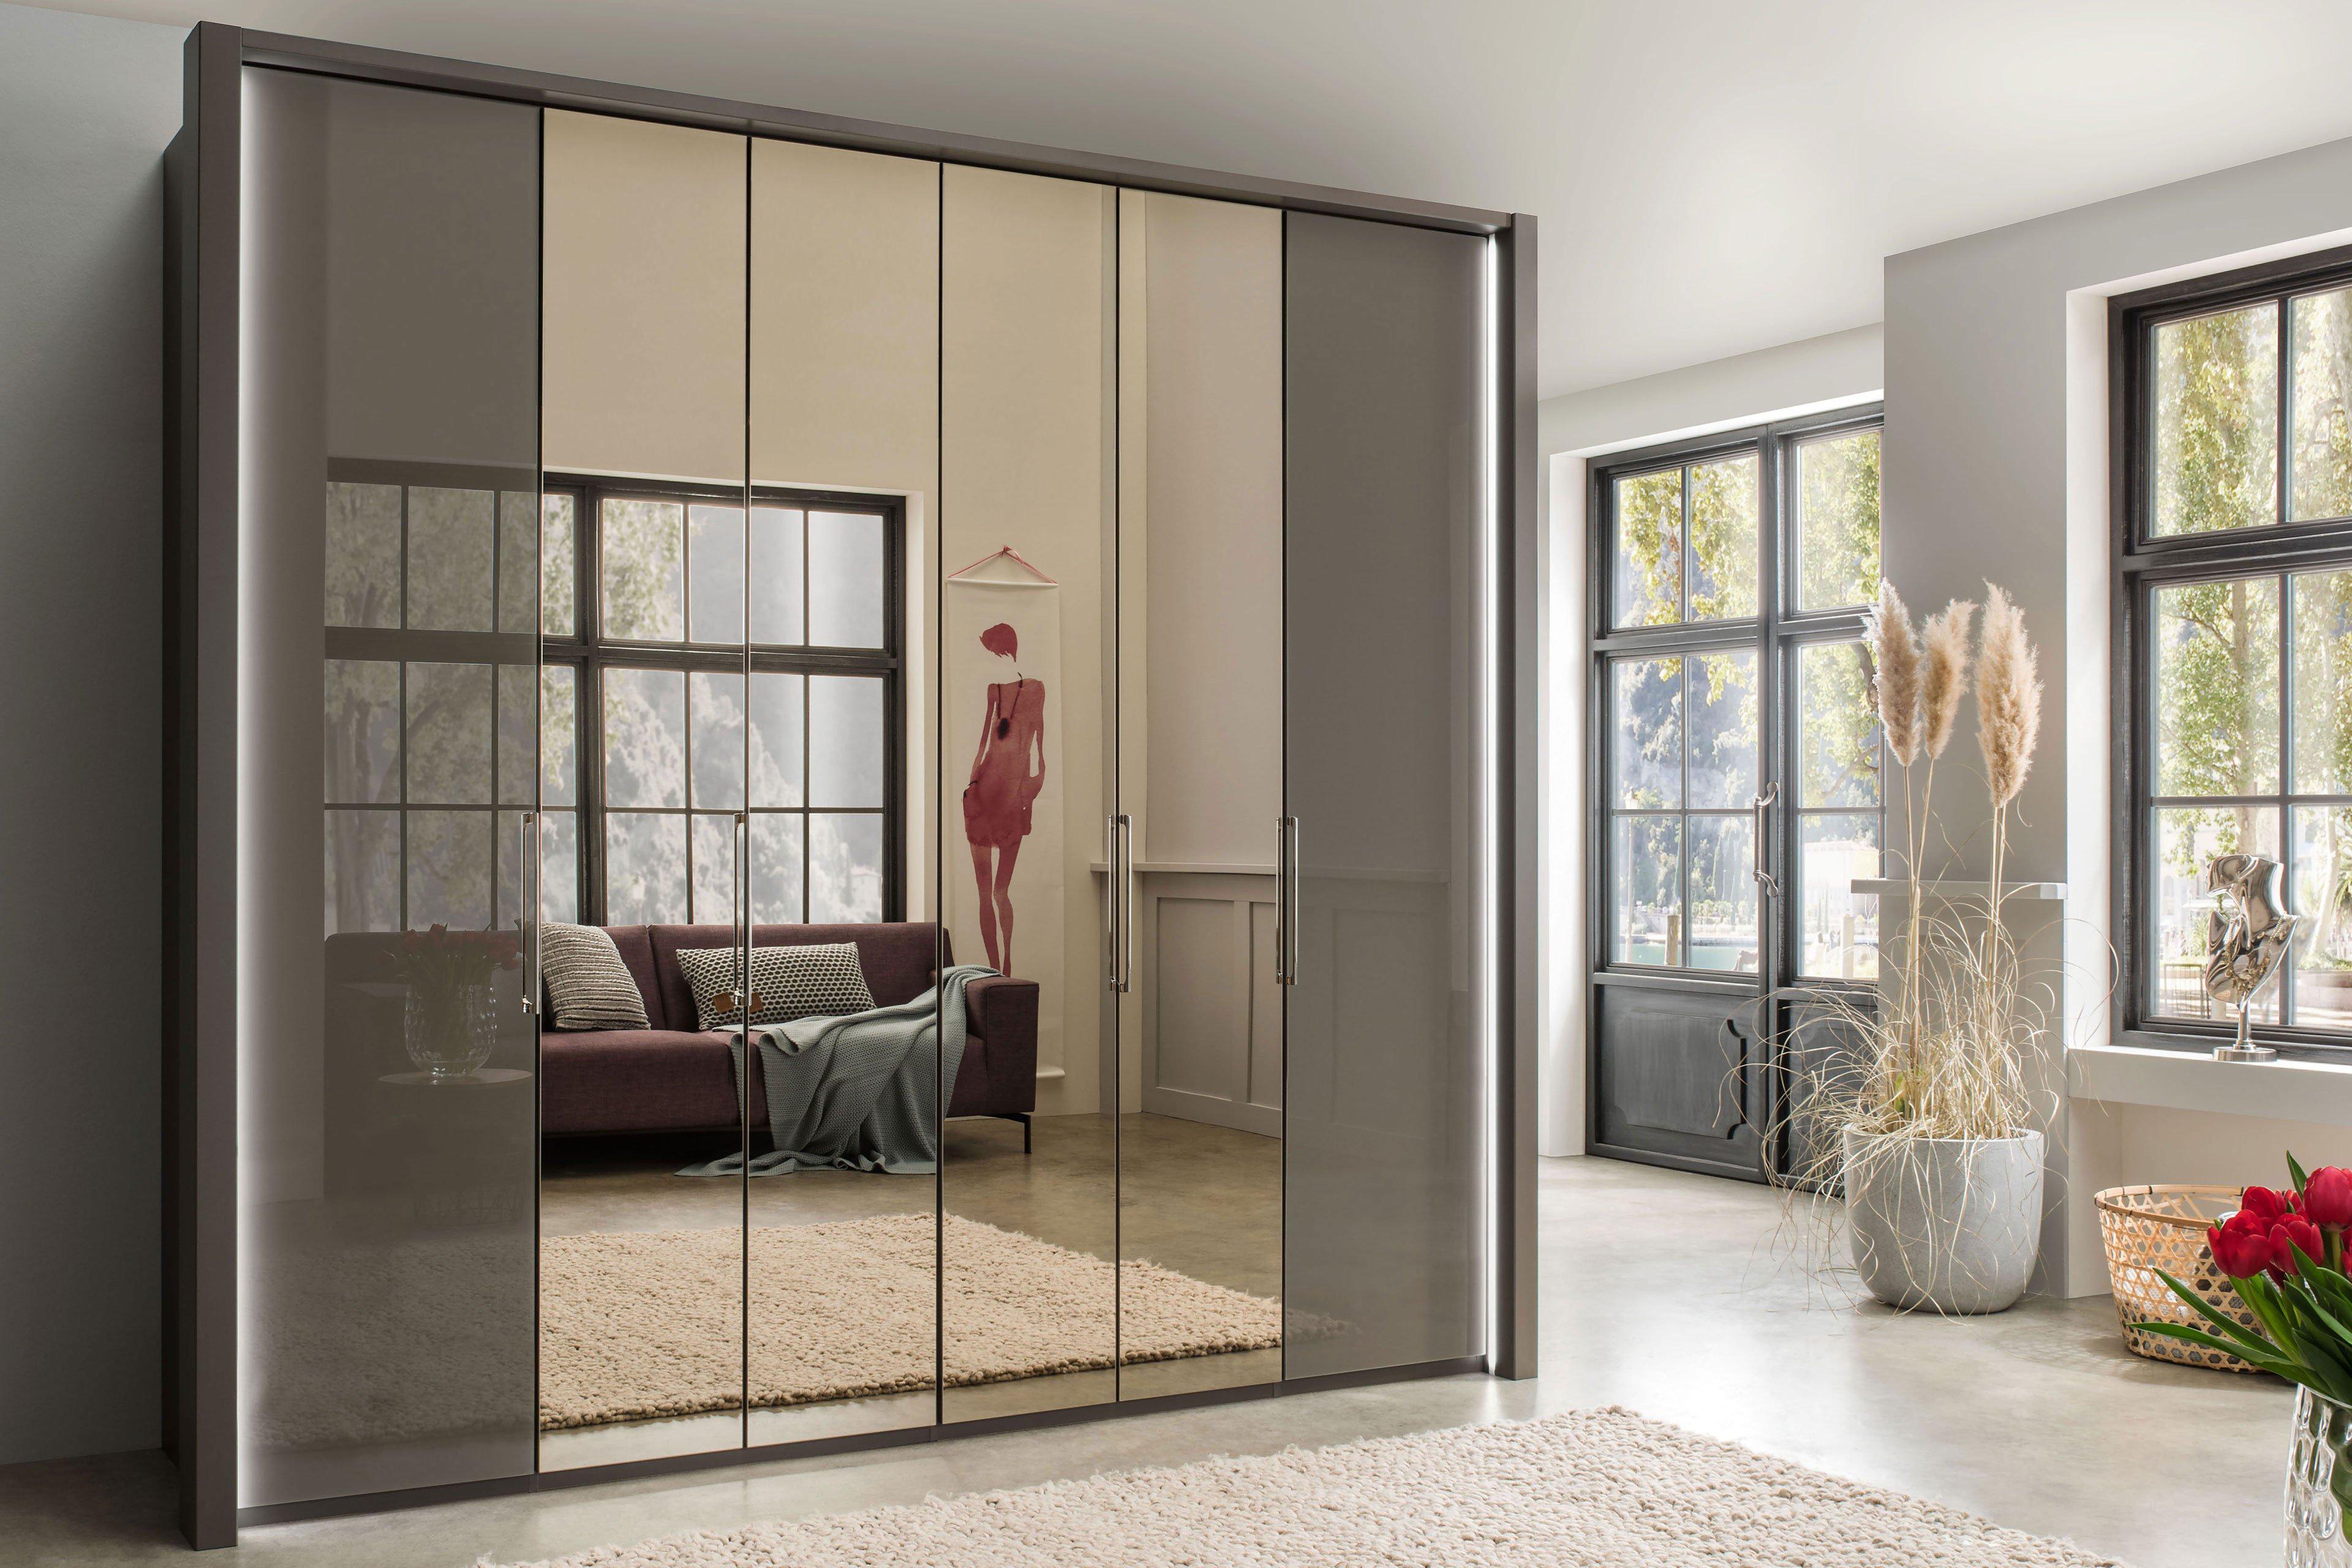 wiemann kansas panorama schrank glas spiegel m bel letz ihr online shop. Black Bedroom Furniture Sets. Home Design Ideas